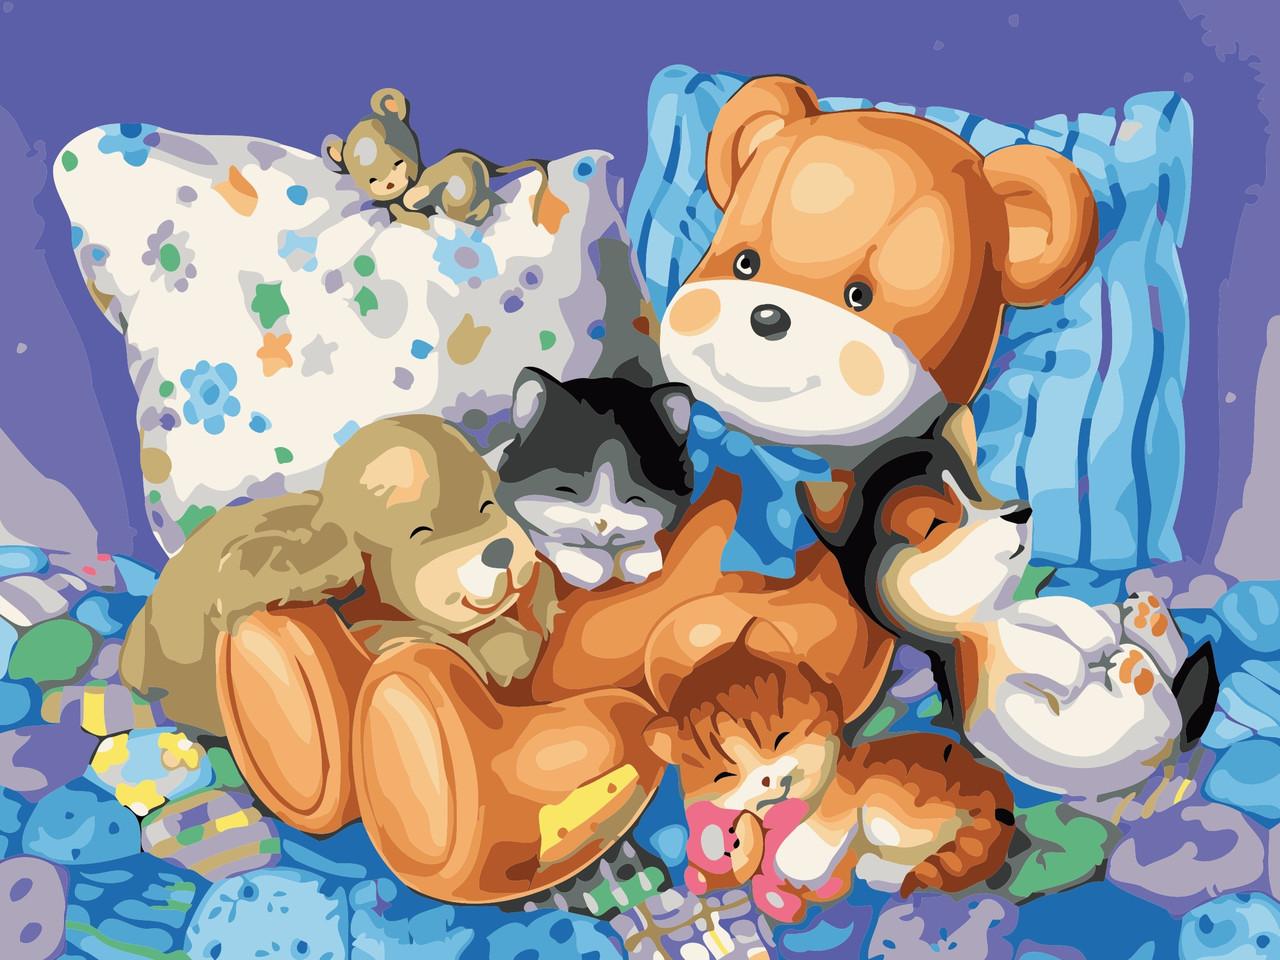 Картина по номерам ArtStory Сладкий сон 40*30 см (без коробки) арт.AS0619